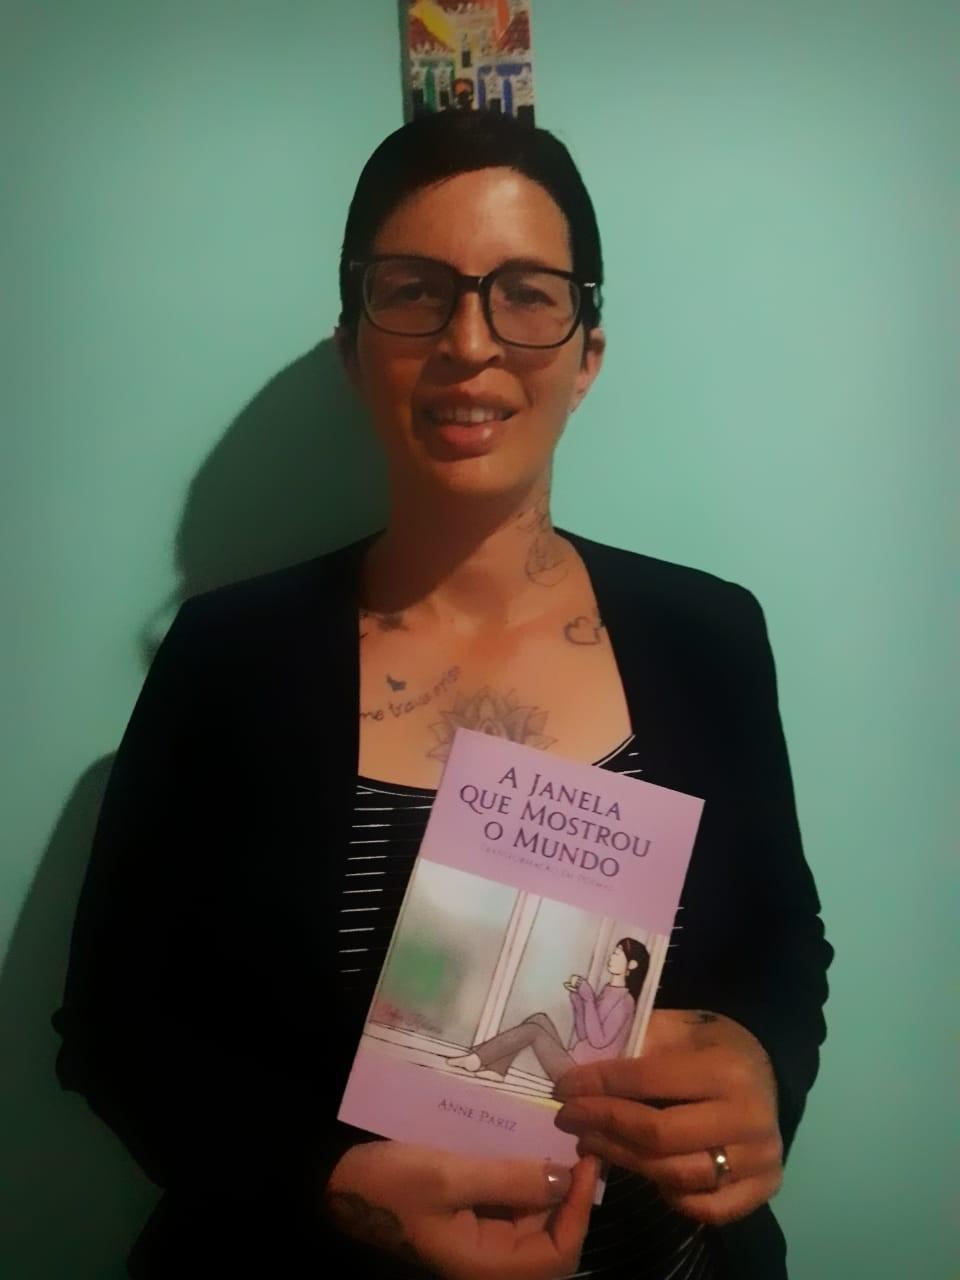 Fisioterapeuta lança livro de poesias em que narra a luta de quem sofre transtornos mentais - Noticias